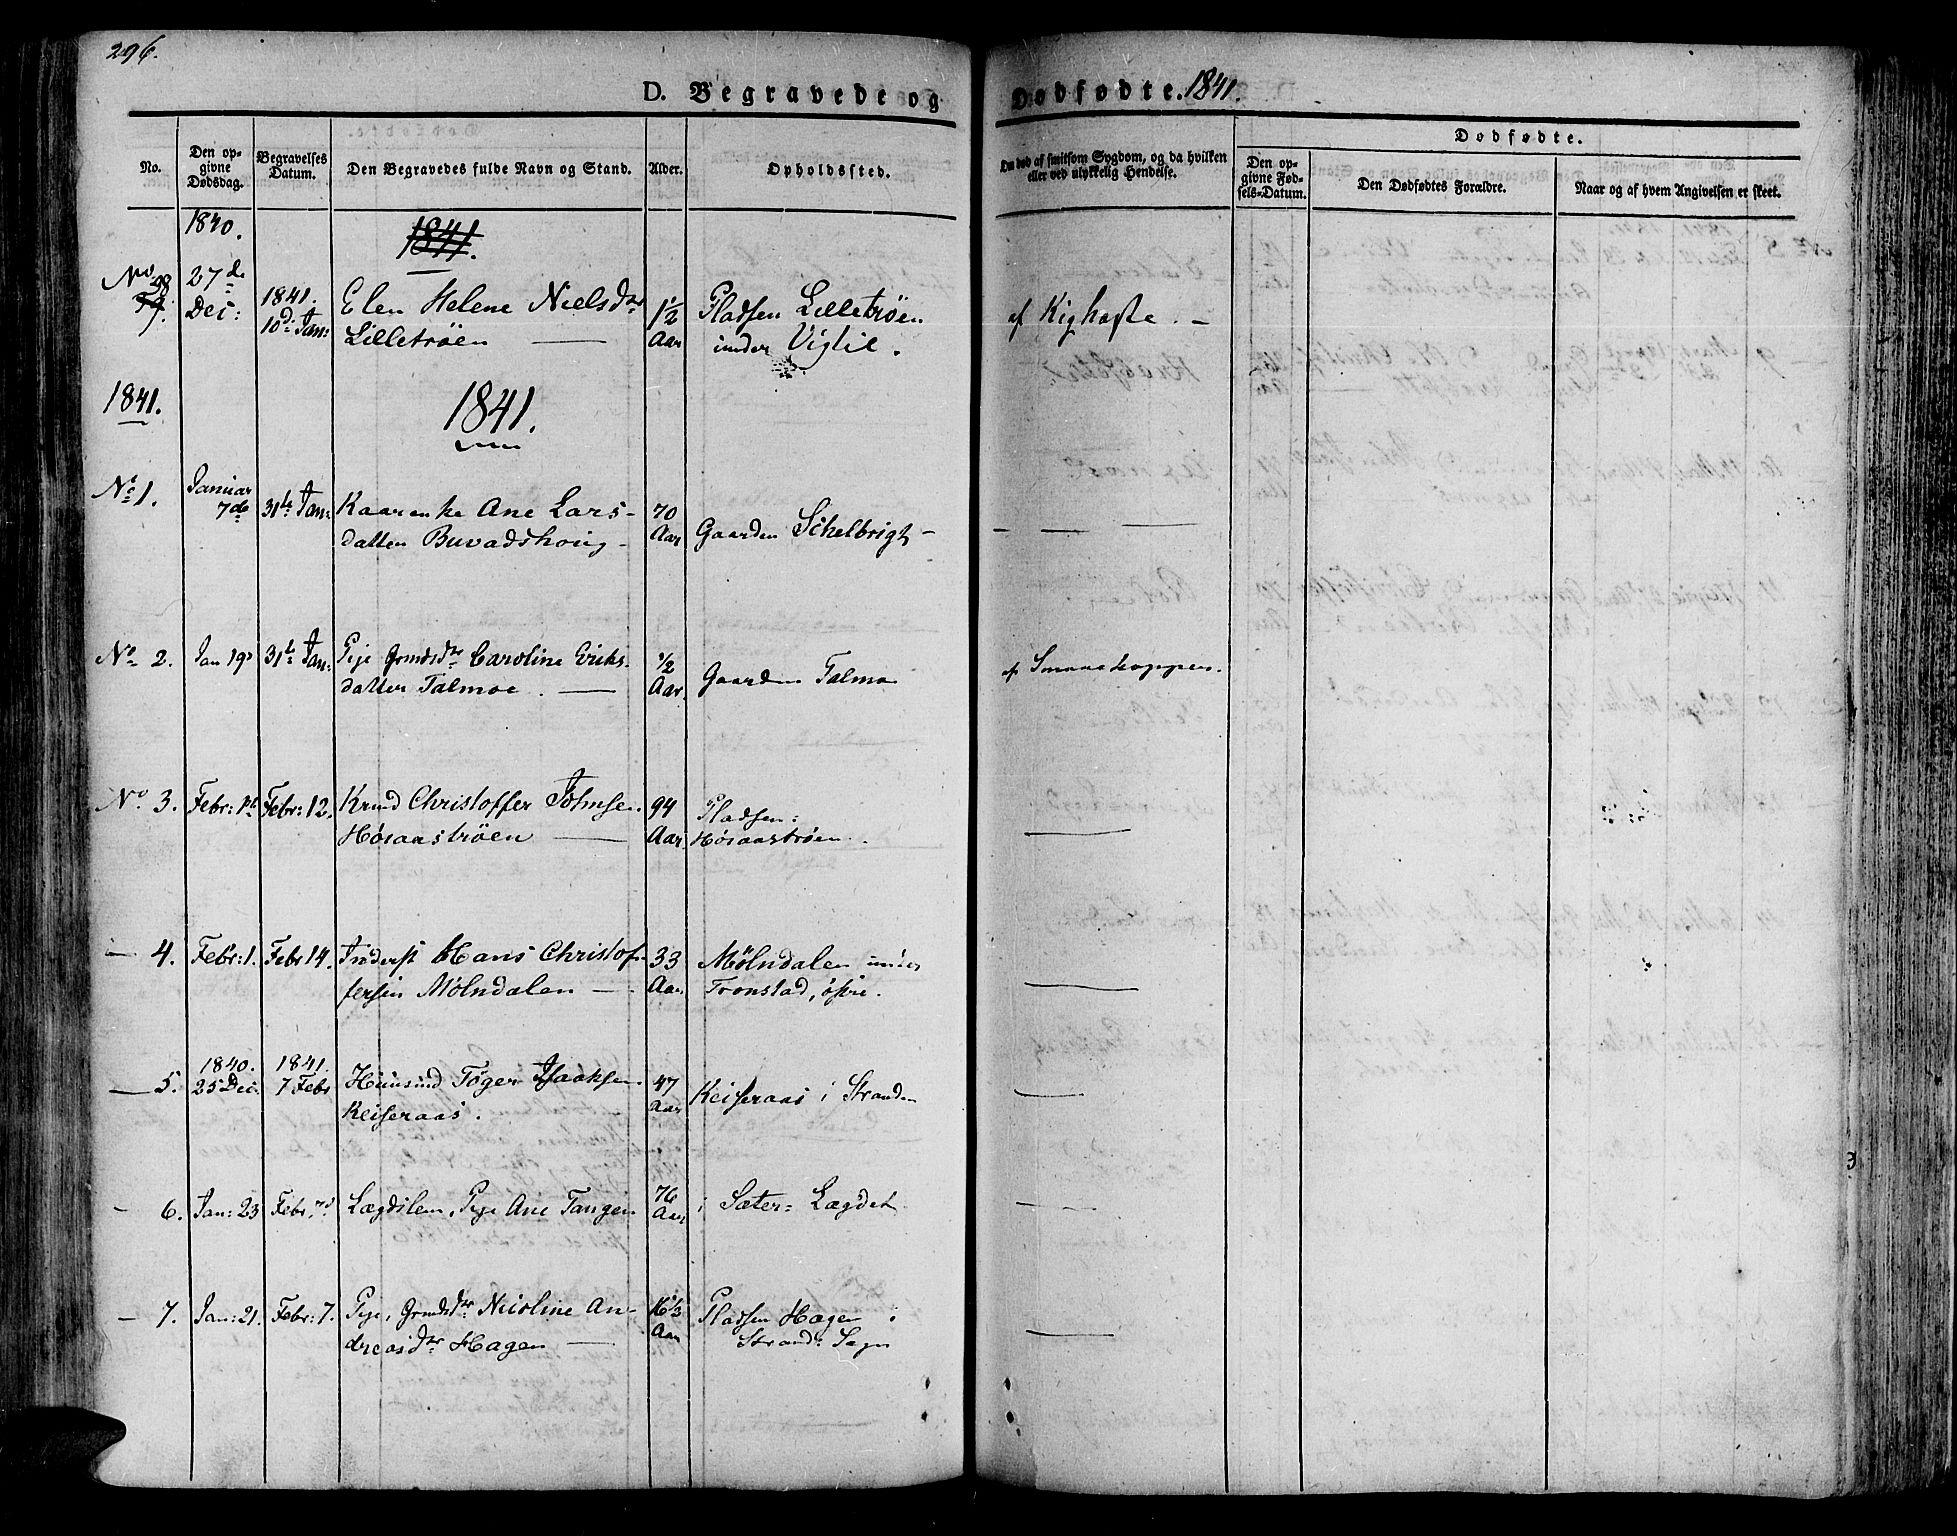 SAT, Ministerialprotokoller, klokkerbøker og fødselsregistre - Nord-Trøndelag, 701/L0006: Ministerialbok nr. 701A06, 1825-1841, s. 296